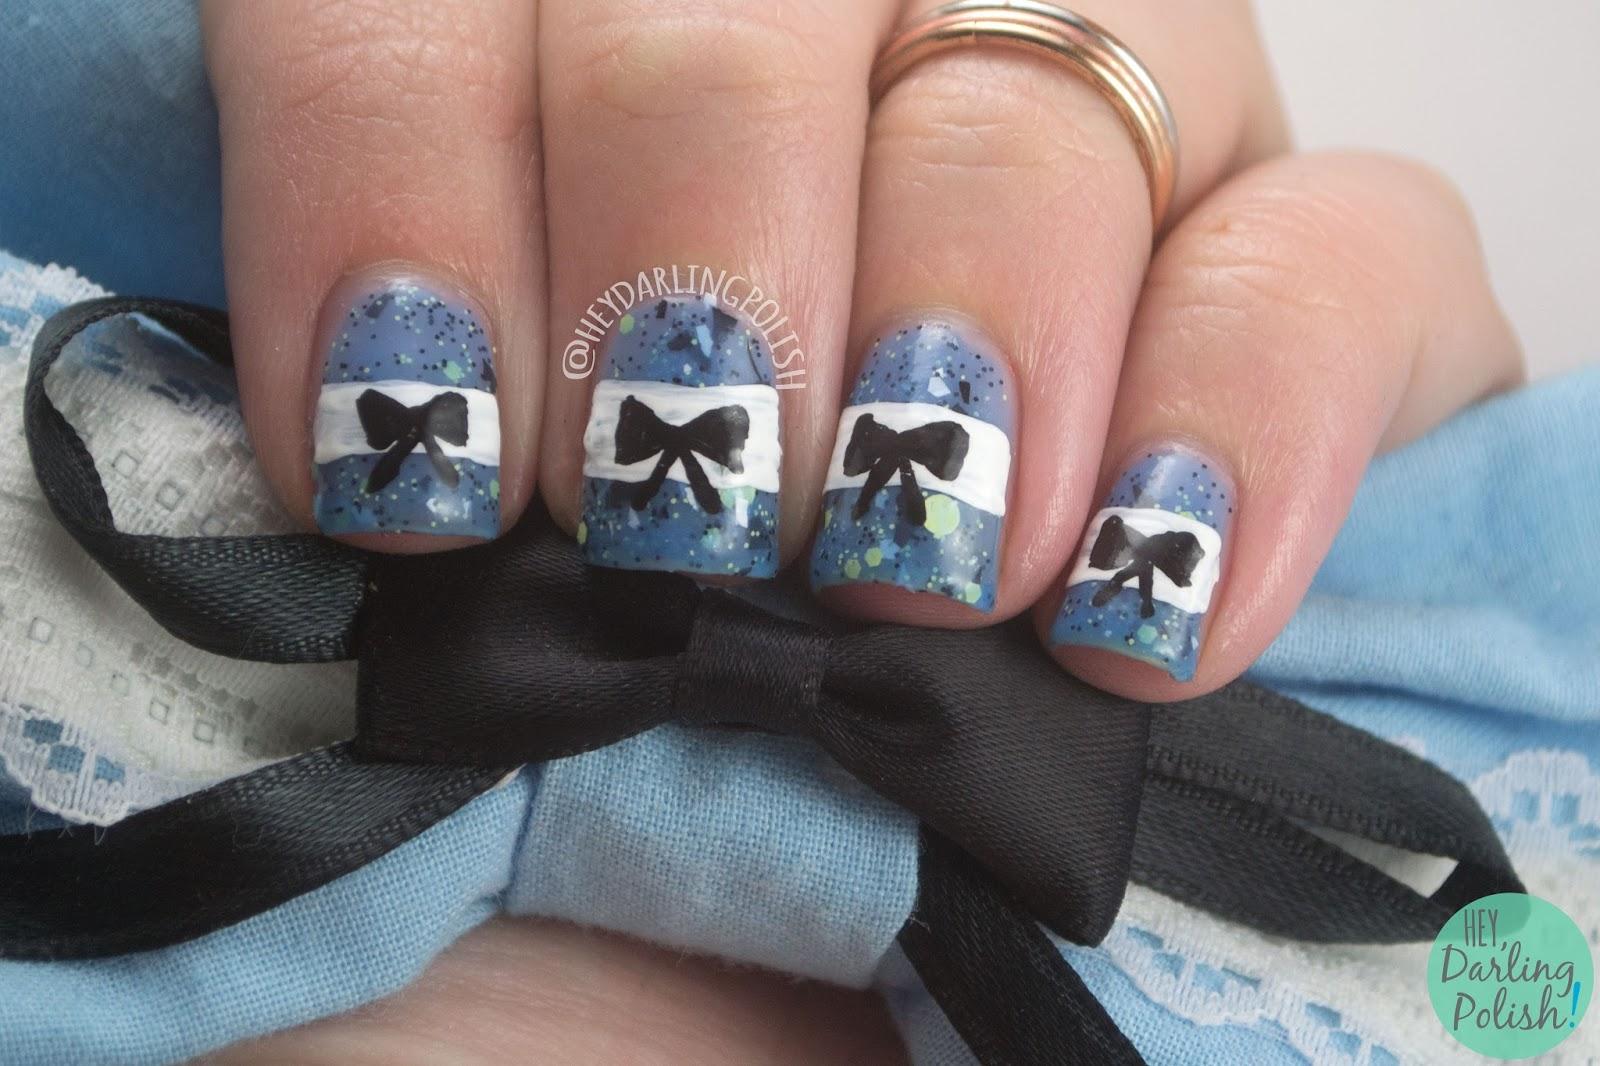 nails, nail art, nail polish, alice in wonderland, bows, lynbdesigns, down the rabbit hole, hey darling polish, blue, the nail art guild